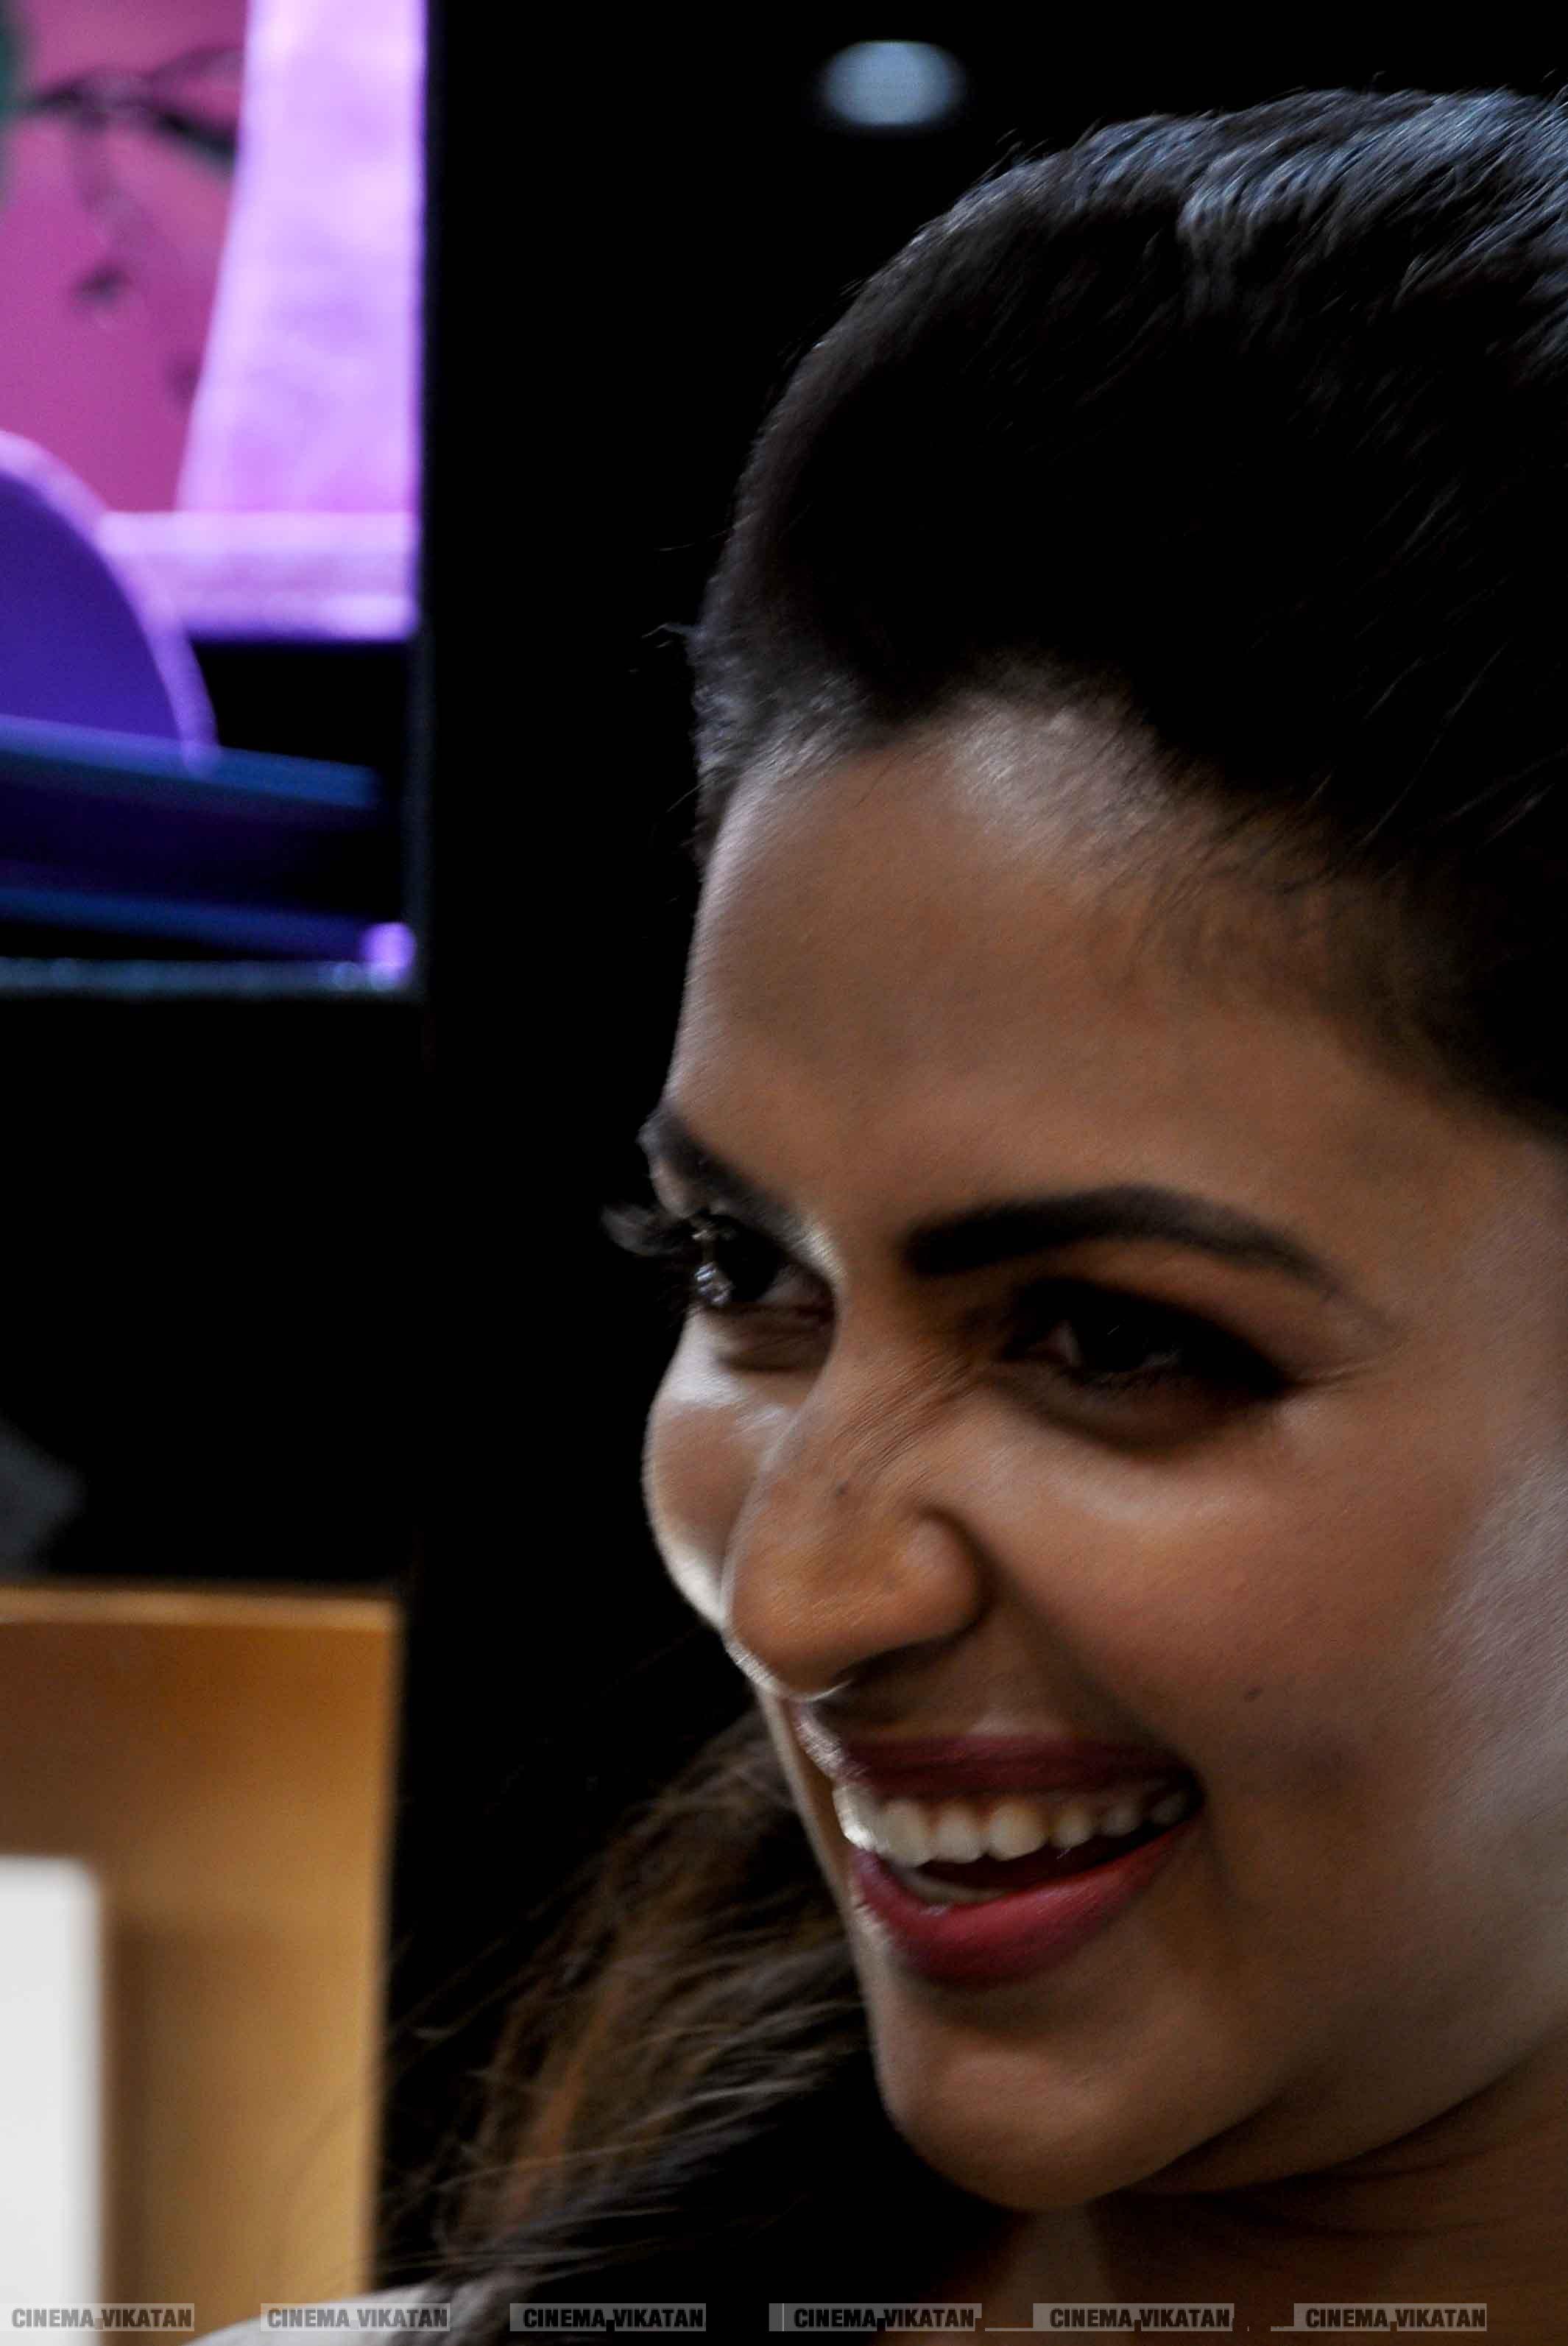 நகை கடை திறப்பு விழாவில் நடிகை அமலாபால்... படங்கள்: க.தனசேகரன்